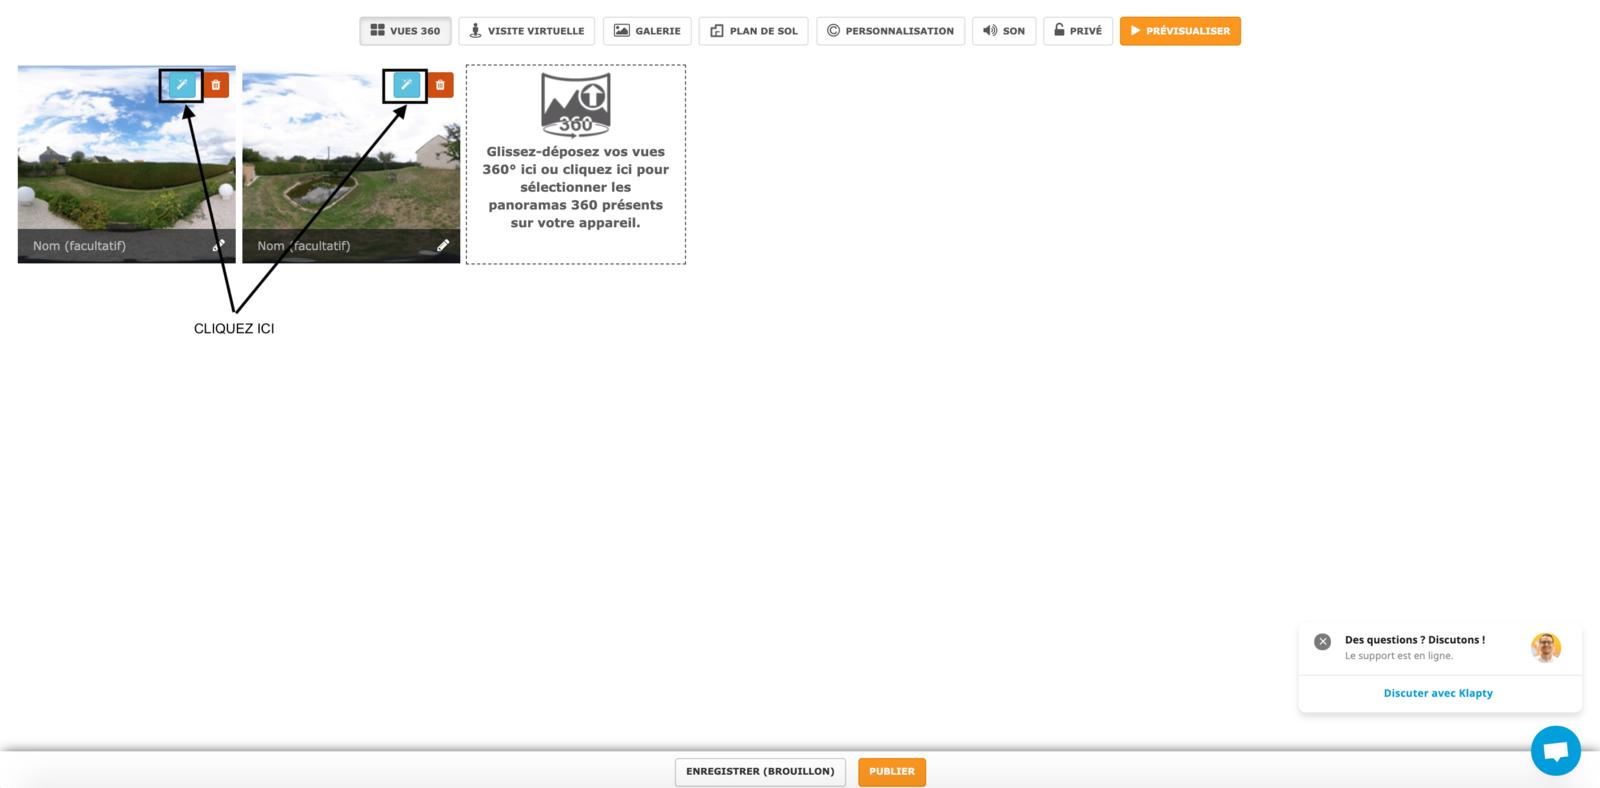 Etape 2 - Amélioration des photos 360 de la visite virtuelle